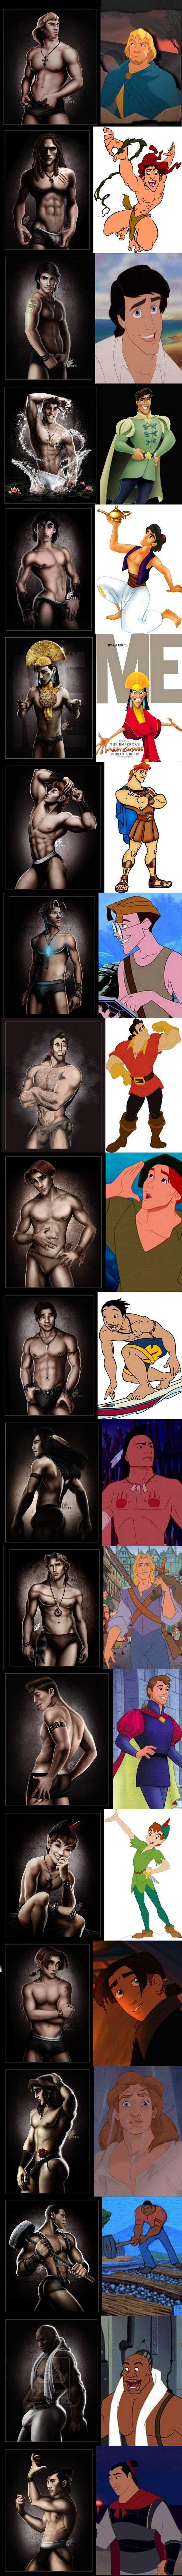 Disney dudes!